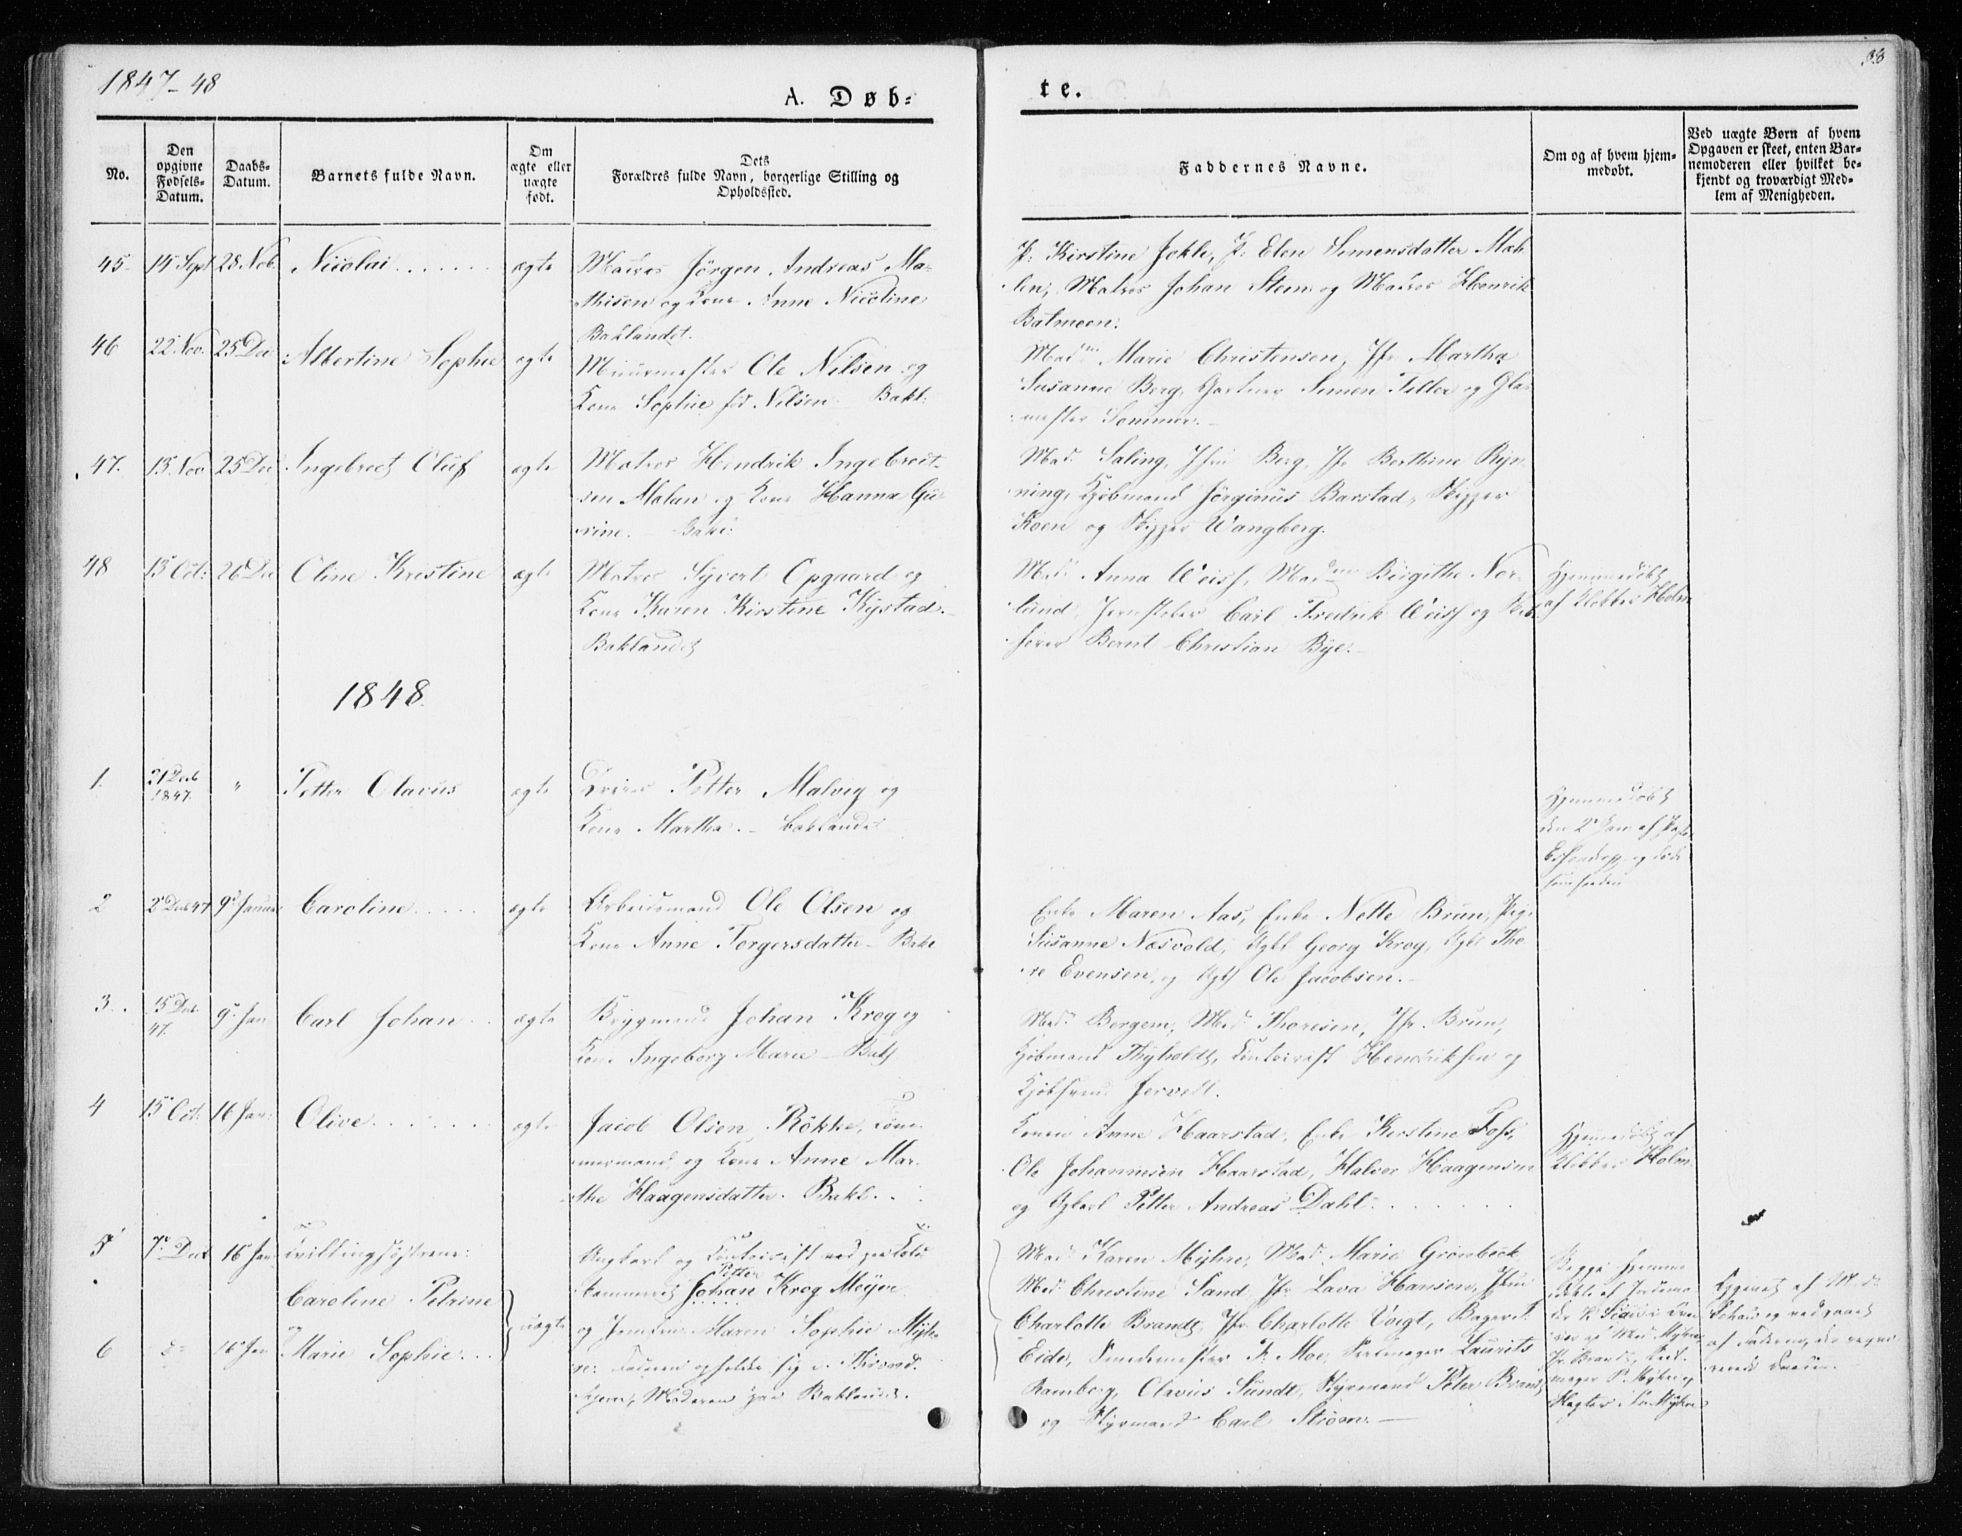 SAT, Ministerialprotokoller, klokkerbøker og fødselsregistre - Sør-Trøndelag, 604/L0183: Ministerialbok nr. 604A04, 1841-1850, s. 38